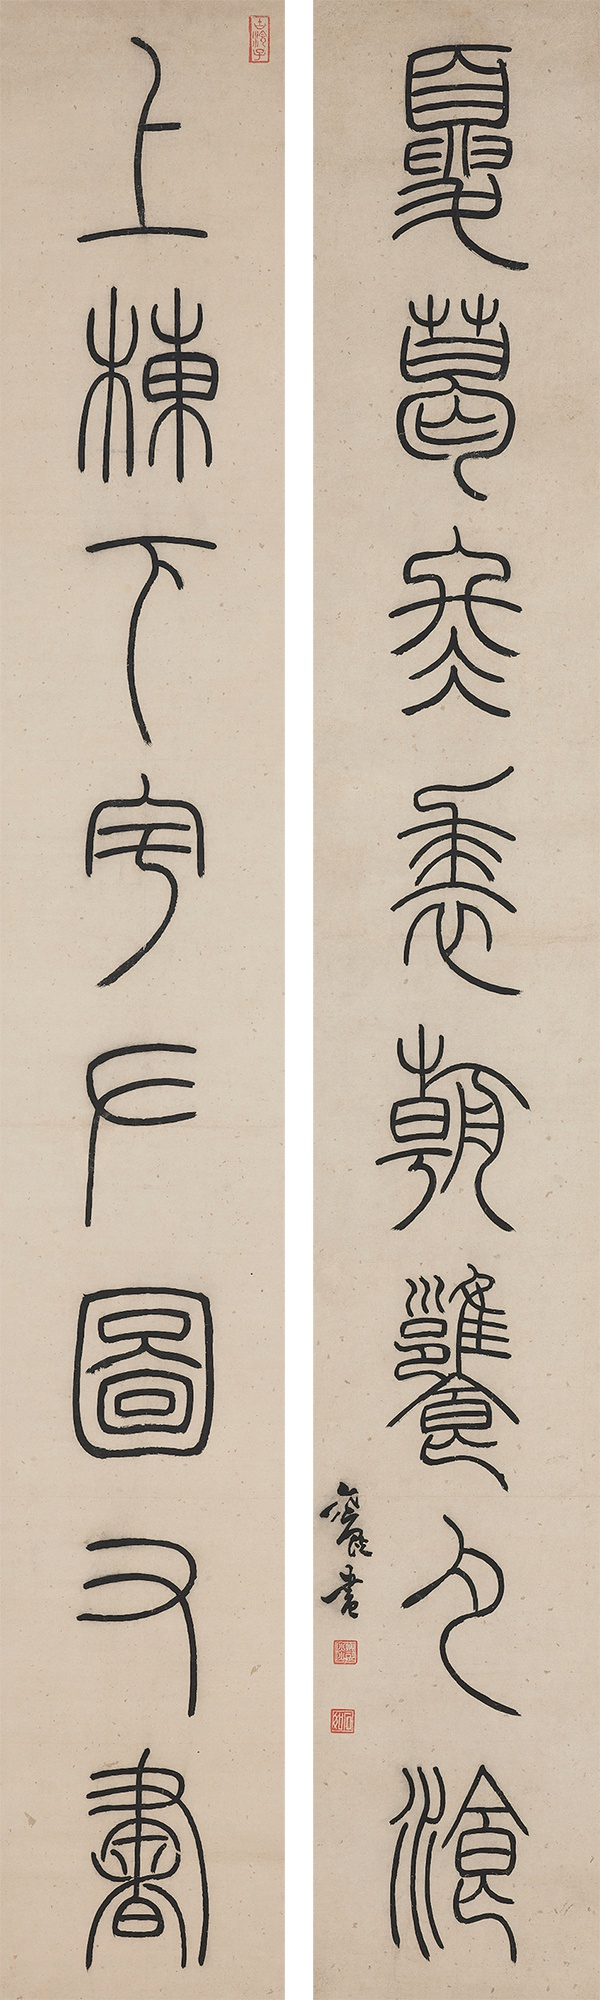 上博藏楹联里的清代书法演变之迹:从金农到赵之谦